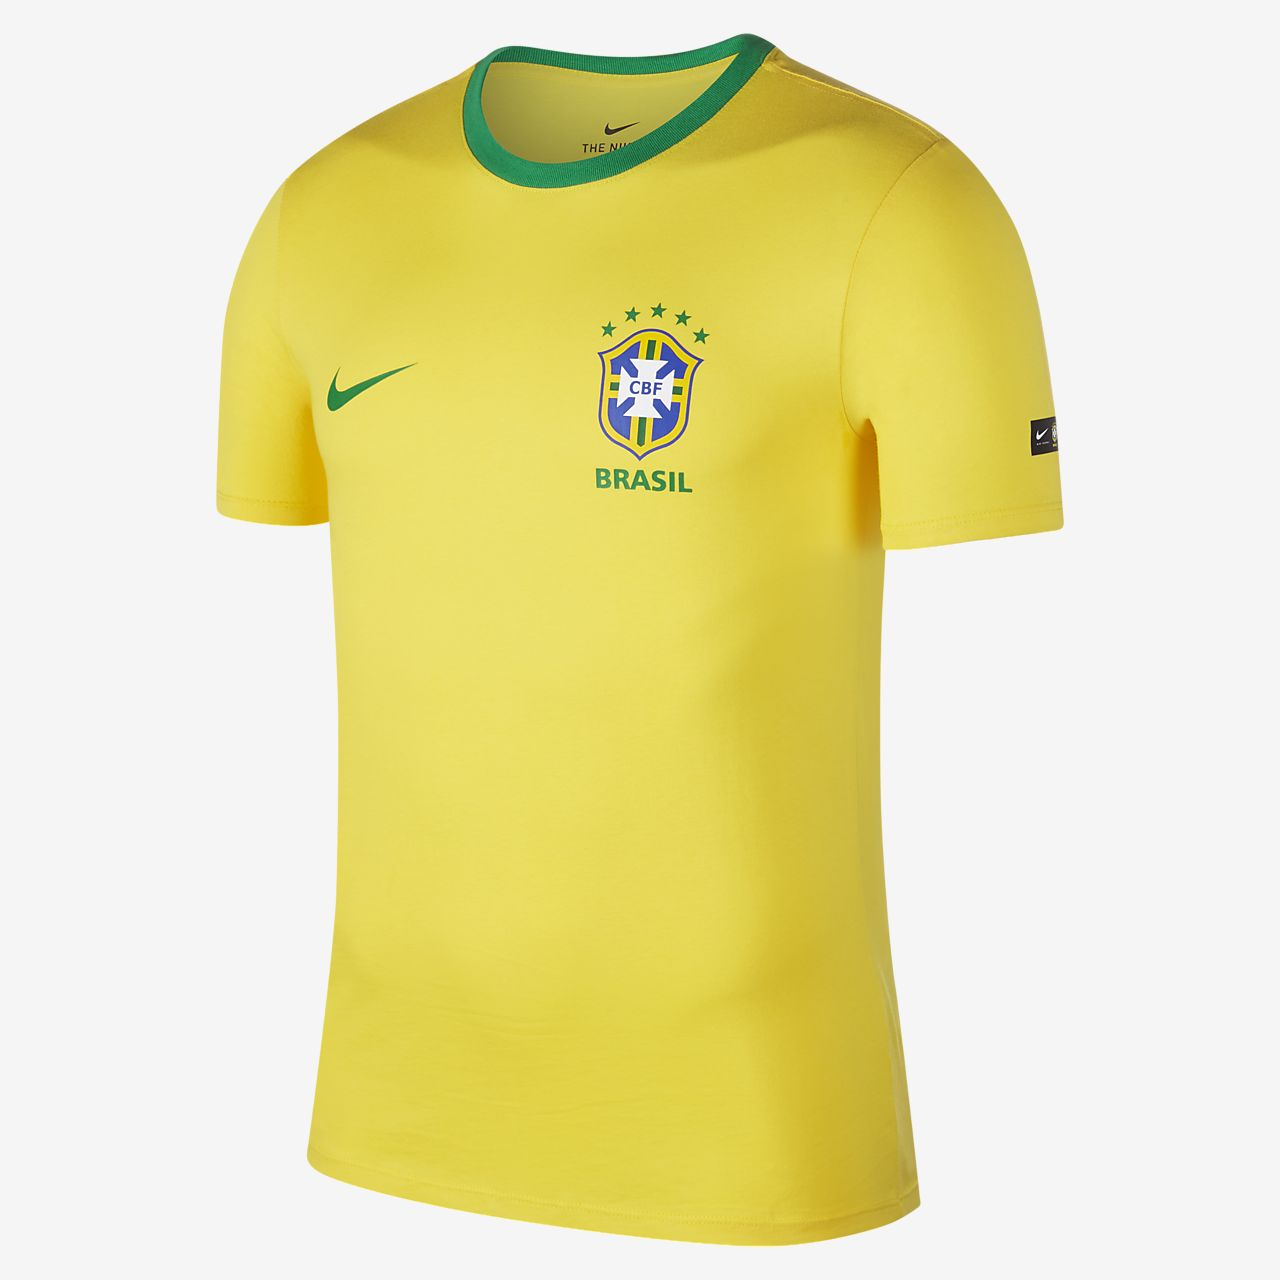 Brazil CBF Crest Men's T-Shirt